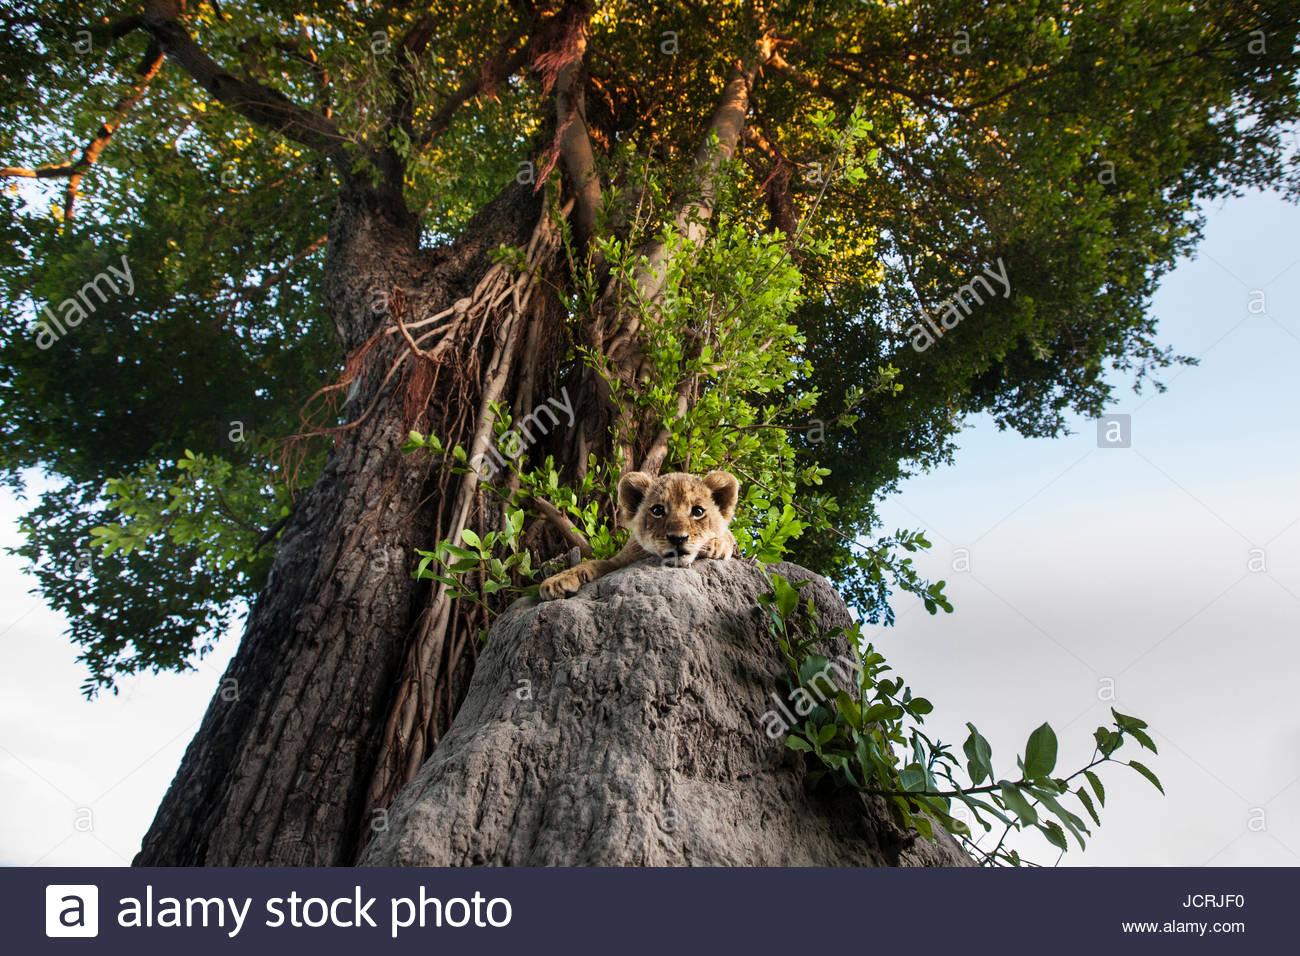 Un LION CUB Panthera leo, rilassante su un ant hill sotto un grande albero. Immagini Stock